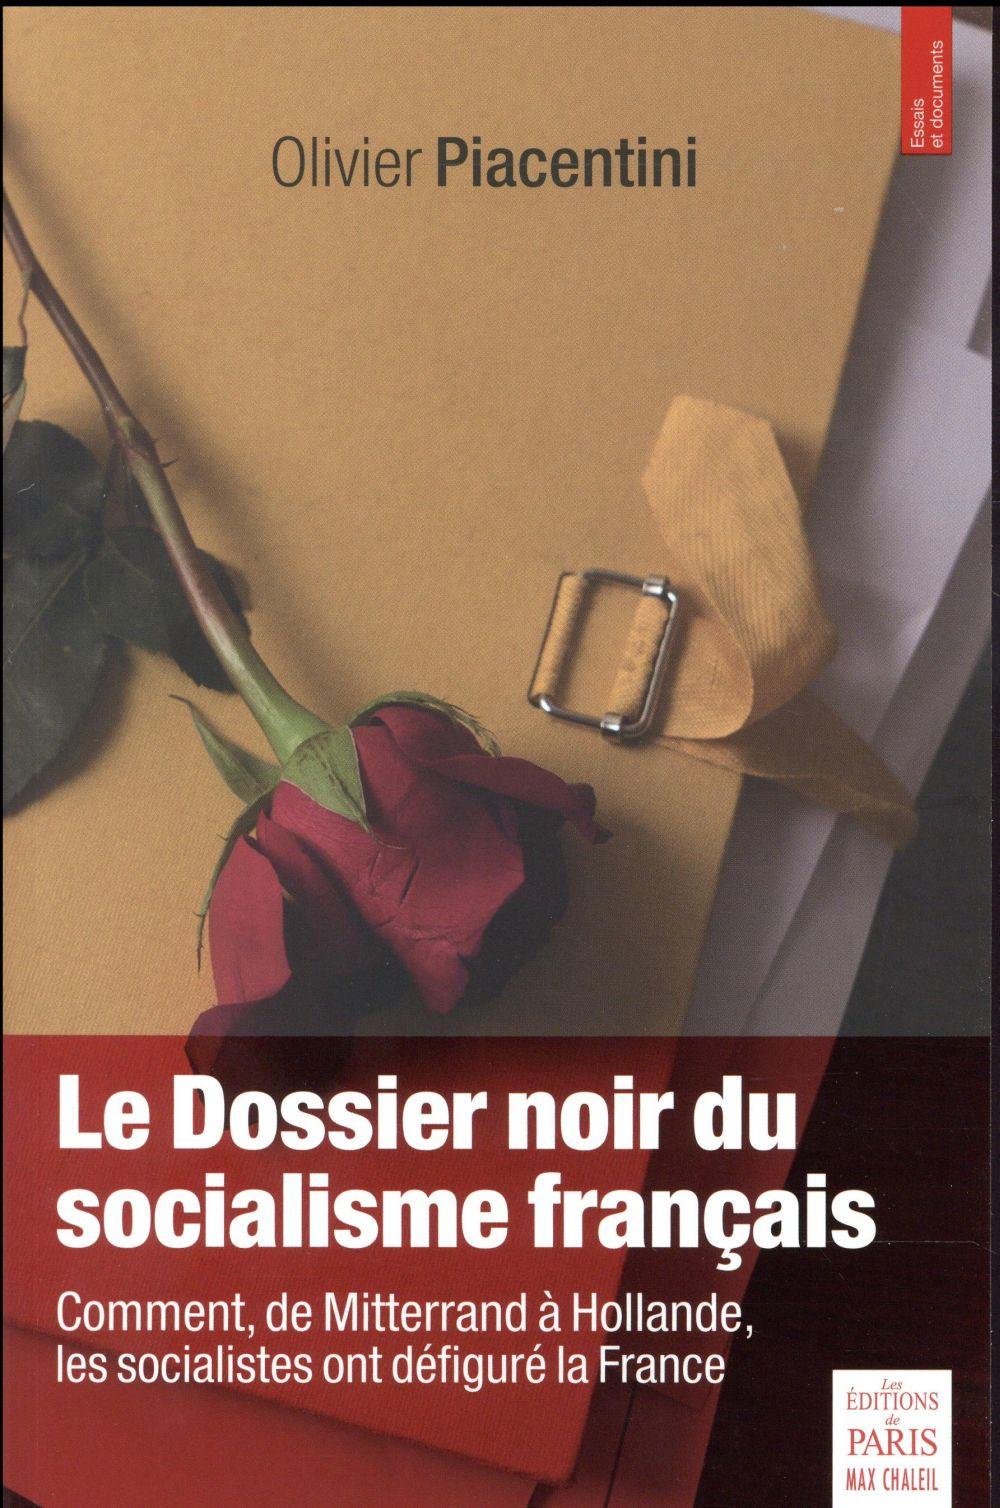 Le dossier noir du socialisme français ; comment, de Mitterrand à Hollande, les socialistes ont défiguré la France